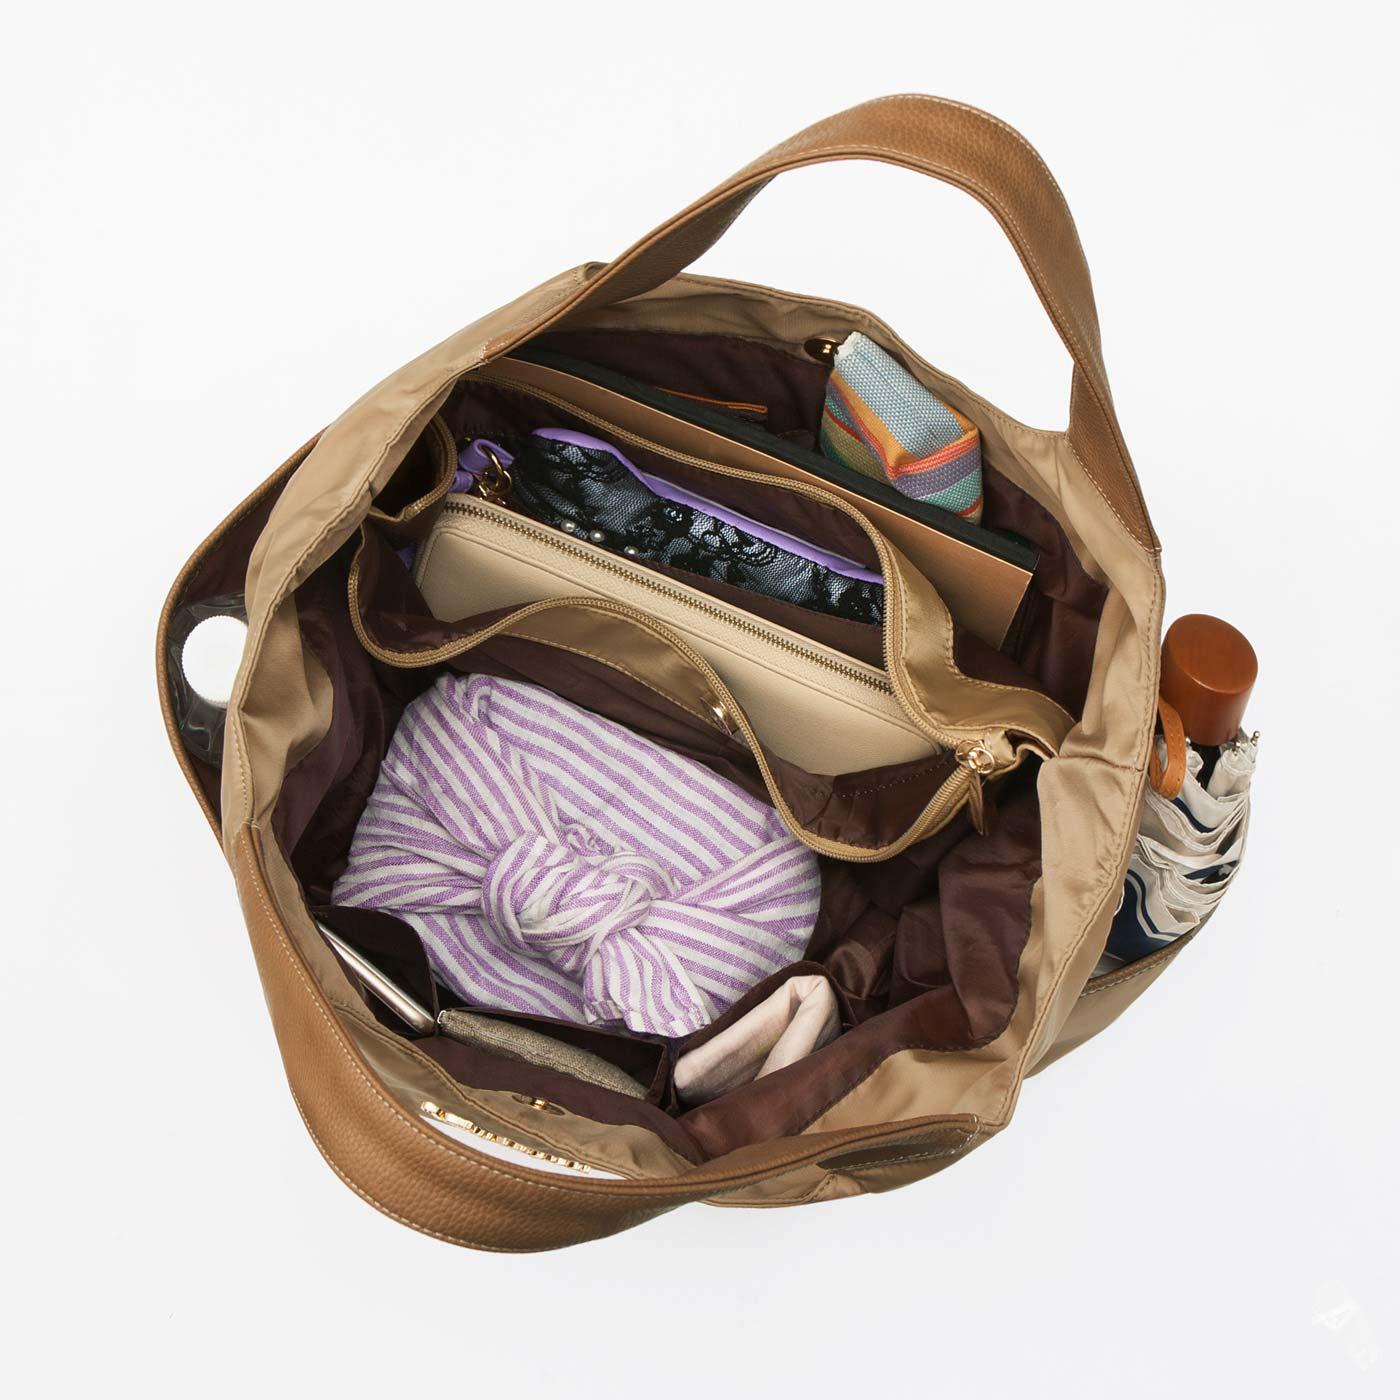 【3部屋構造】 荷物のカテゴリーをざっくり分けられるから中身が混ざりにくくて整理しやすい! 毎日の必需品が全部入りました!